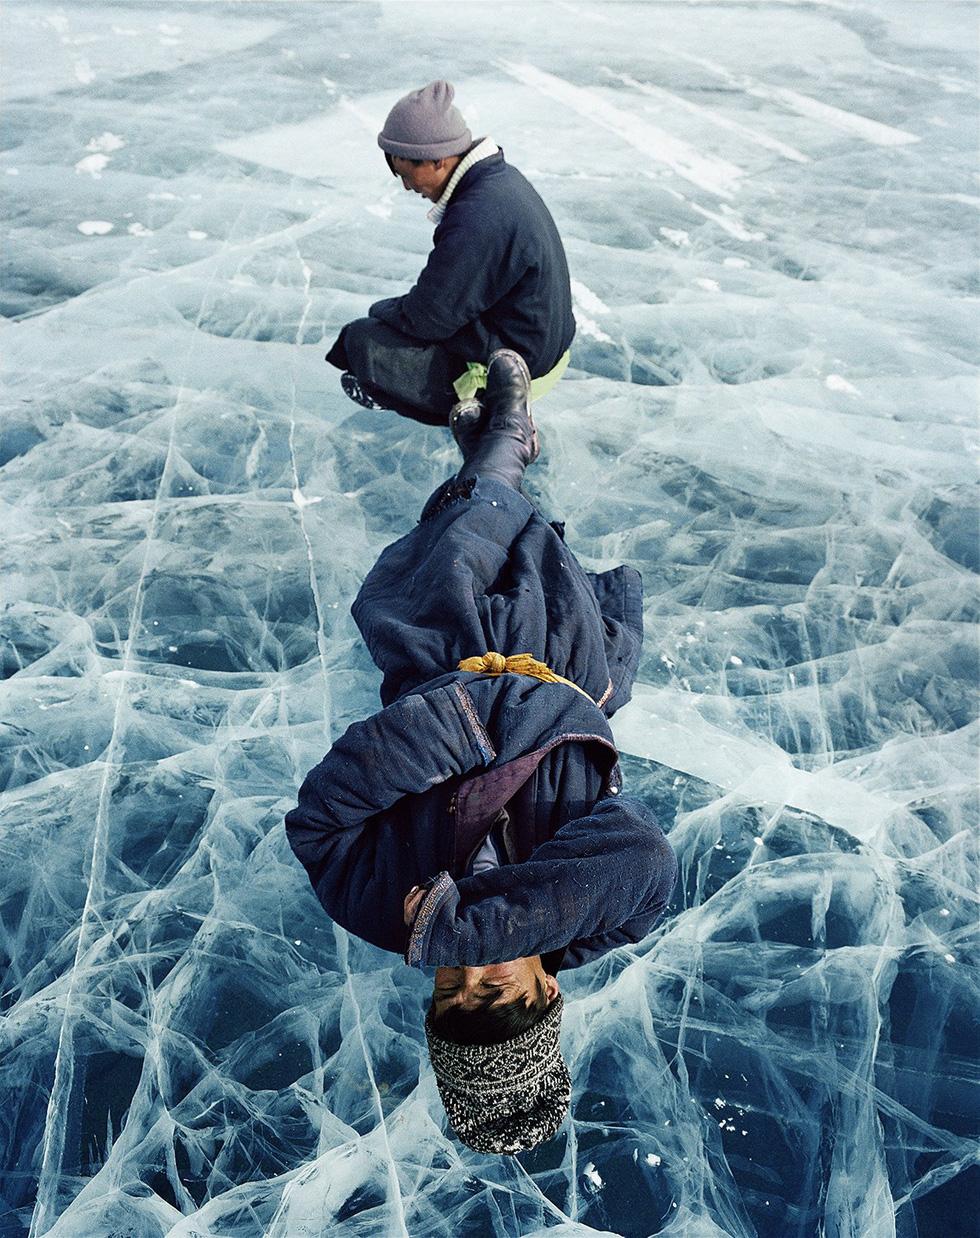 """Trong lúc lái xe qua hồ băng Khövsgöl ở vùng cực bắc Mông Cổ, Lagrange gặp hai người đàn ông say rượu nằm trên bề mặt băng. """"Họ không nói một lời nào với chúng tôi. Không biết họ nằm đó chờ đợi điều gì"""", anh viết."""